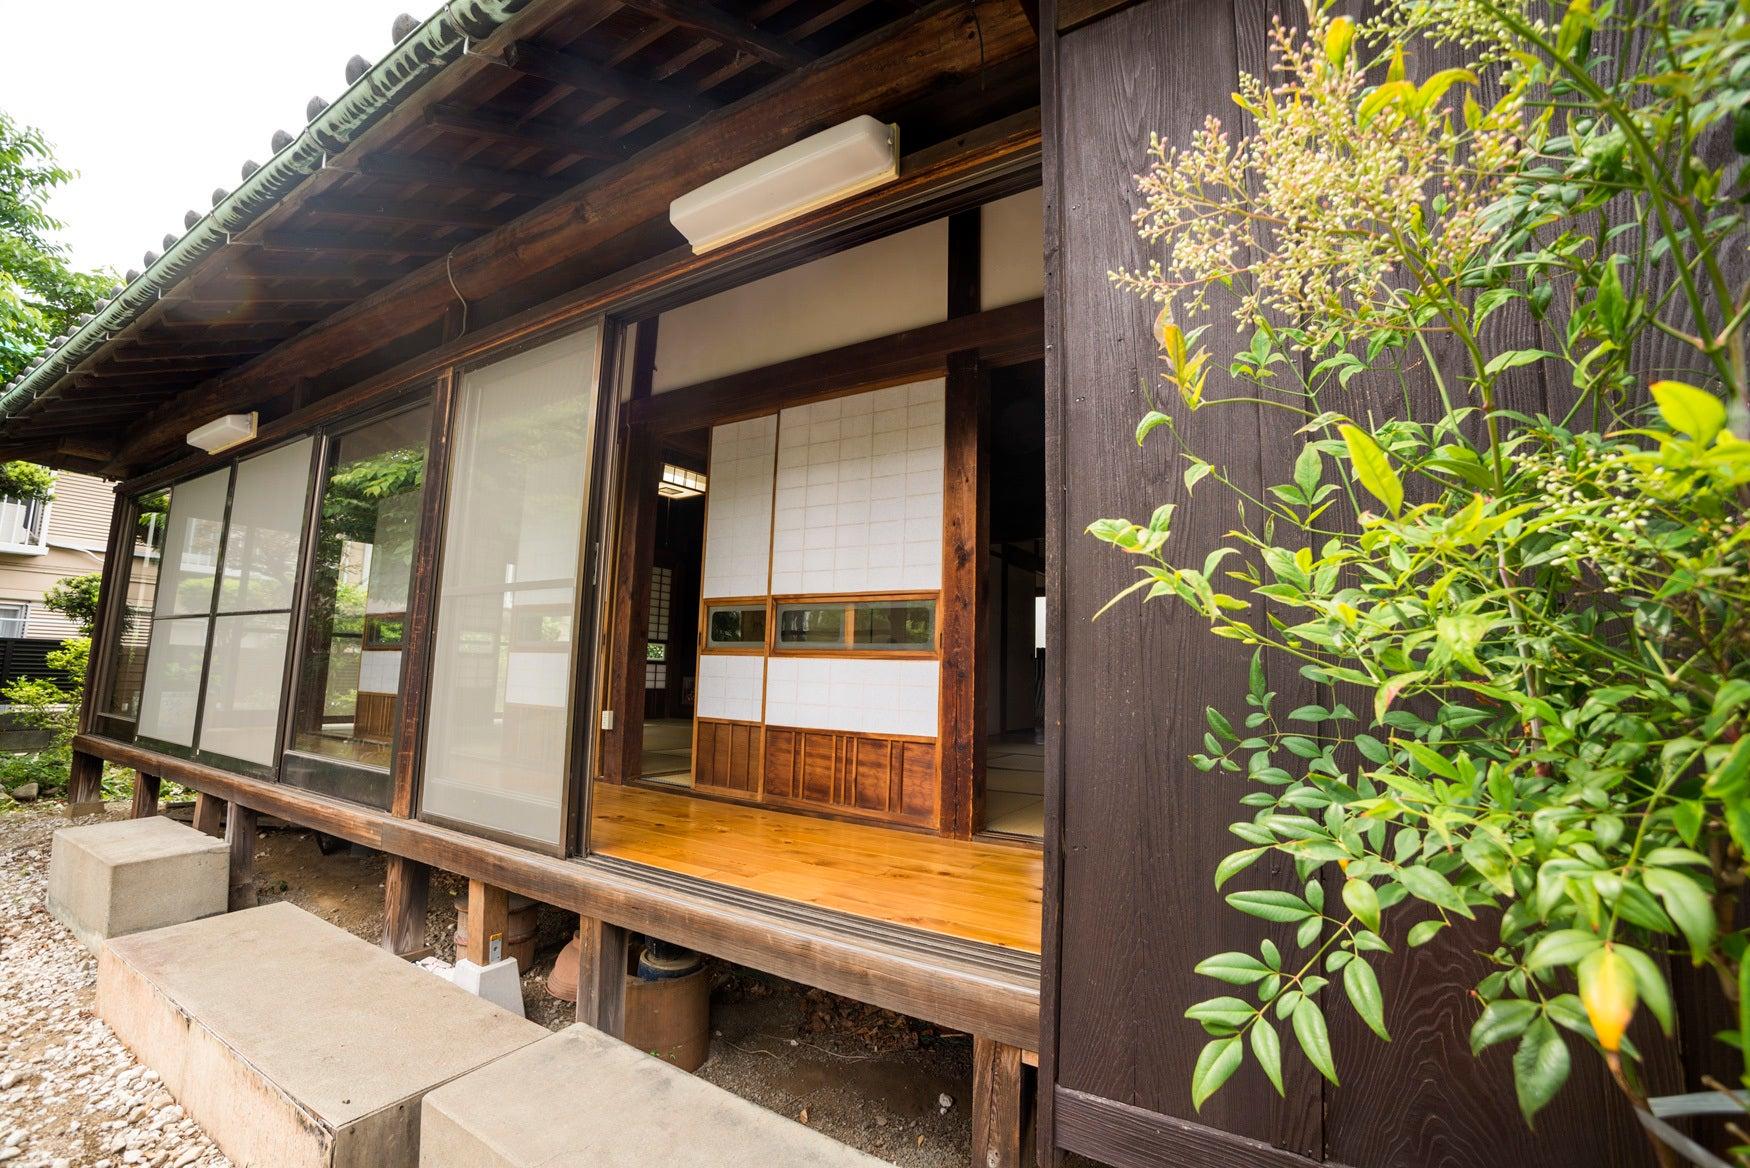 古民家冨田邸、都内で珍しい由緒ある古い建物です。 のサムネイル